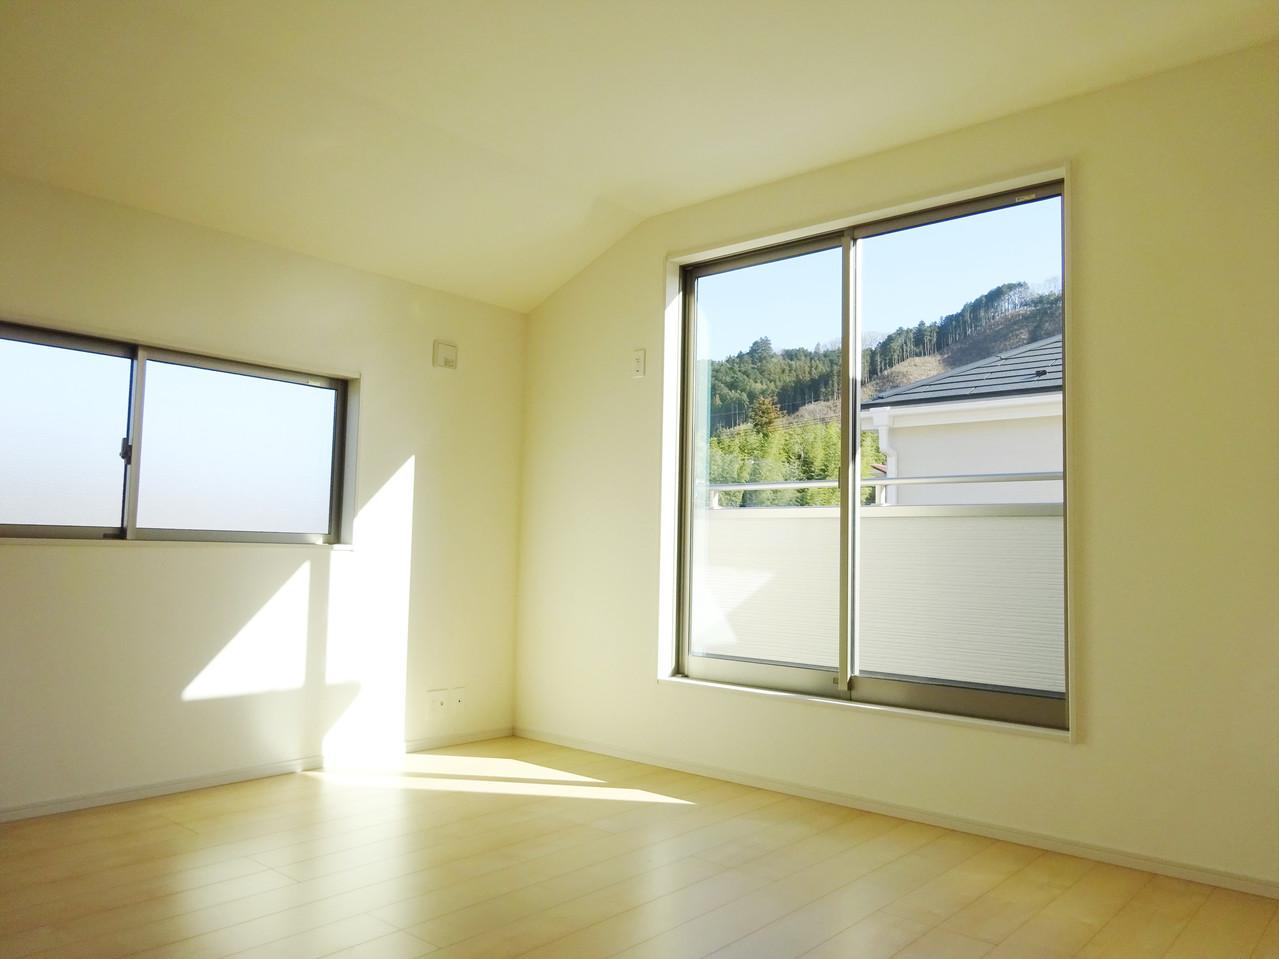 洋室、採光が優しい。小窓があるお部屋はとても開放的で明るい気分になれそうです。